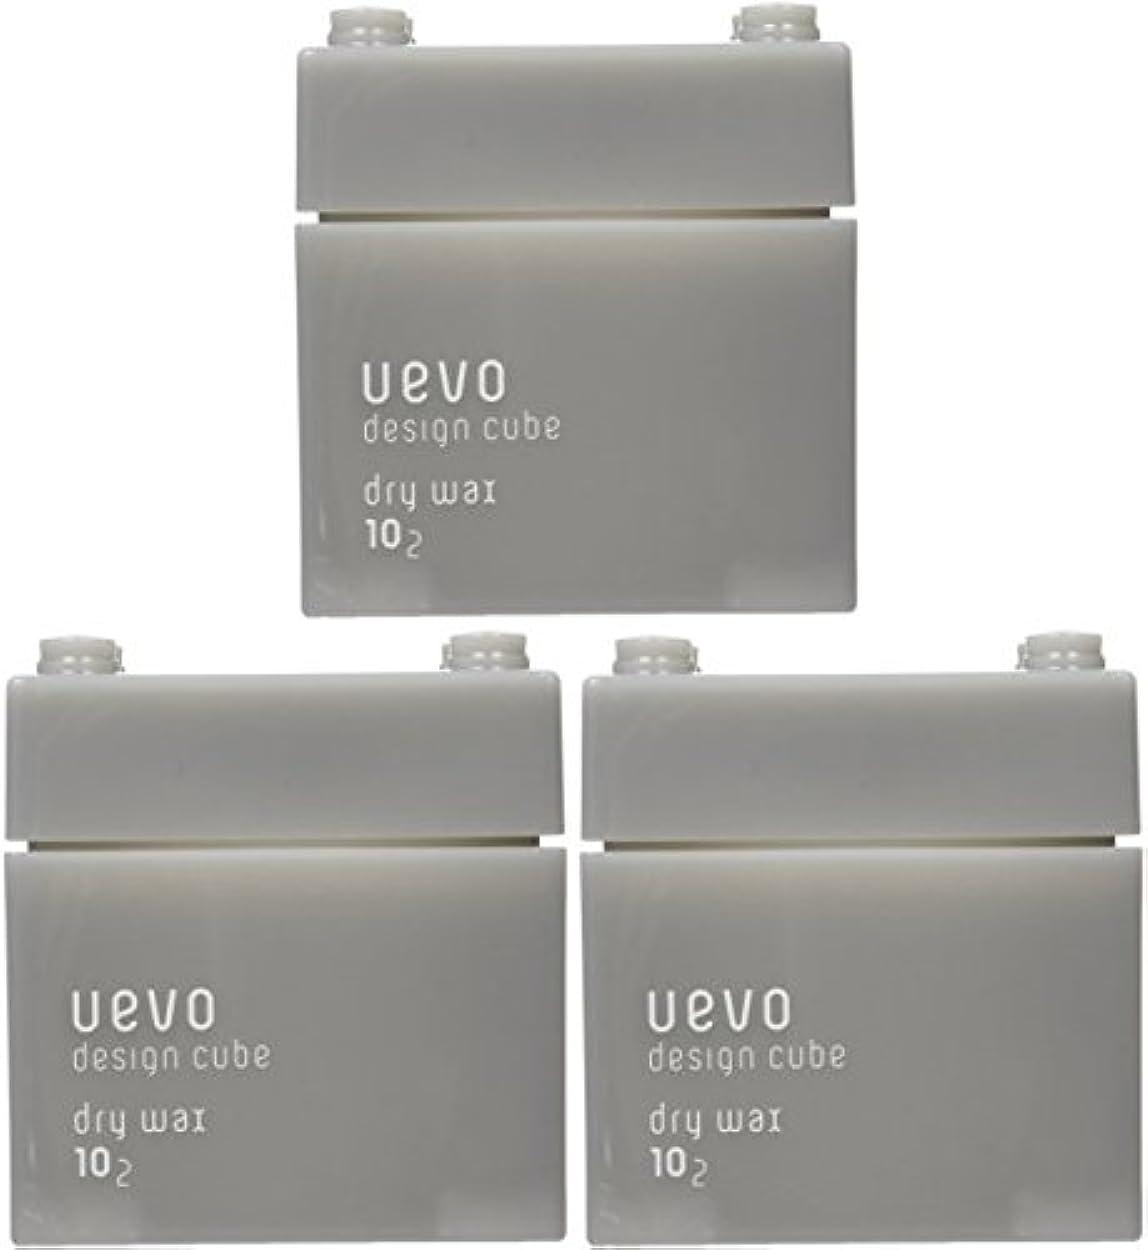 アラスカ価値五【X3個セット】 デミ ウェーボ デザインキューブ ドライワックス 80g dry wax DEMI uevo design cube